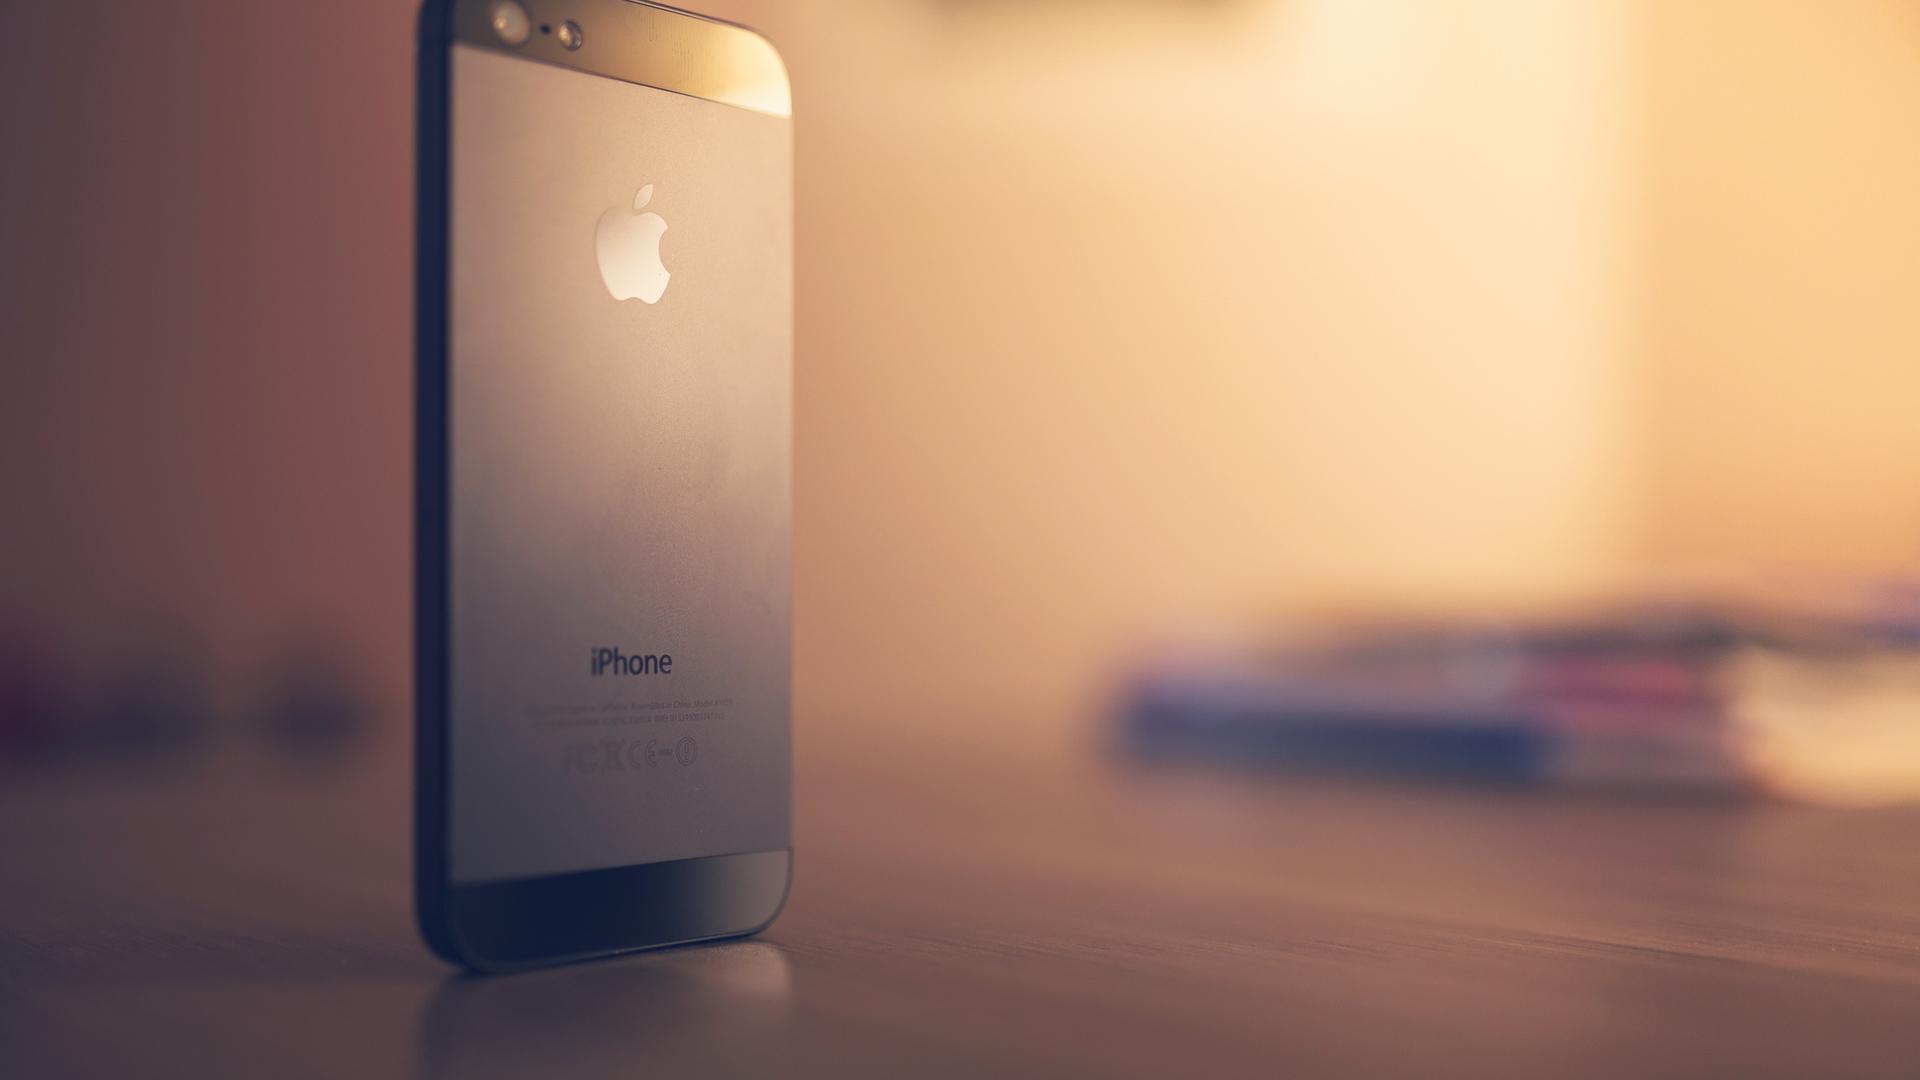 精选小清新lomo风格的苹果iPhonePPT背景图片免费下载是由PPT宝藏(www.pptbz.com)会员zengmin上传推荐的淡雅PPT背景图片, 更新时间为2017-01-13,素材编号119162。 iPhone,是苹果公司旗下研发的智能手机系列,它搭载苹果公司研发的iOS手机作业系统。第一代iPhone于2007年1月9日由当时苹果公司CEO的史蒂夫乔布斯发布,并在同年6月29日正式发售。 第七代的iPhone 5S和iPhone 5C于2013年9月10日发布,同年9月20日正式发售。第八